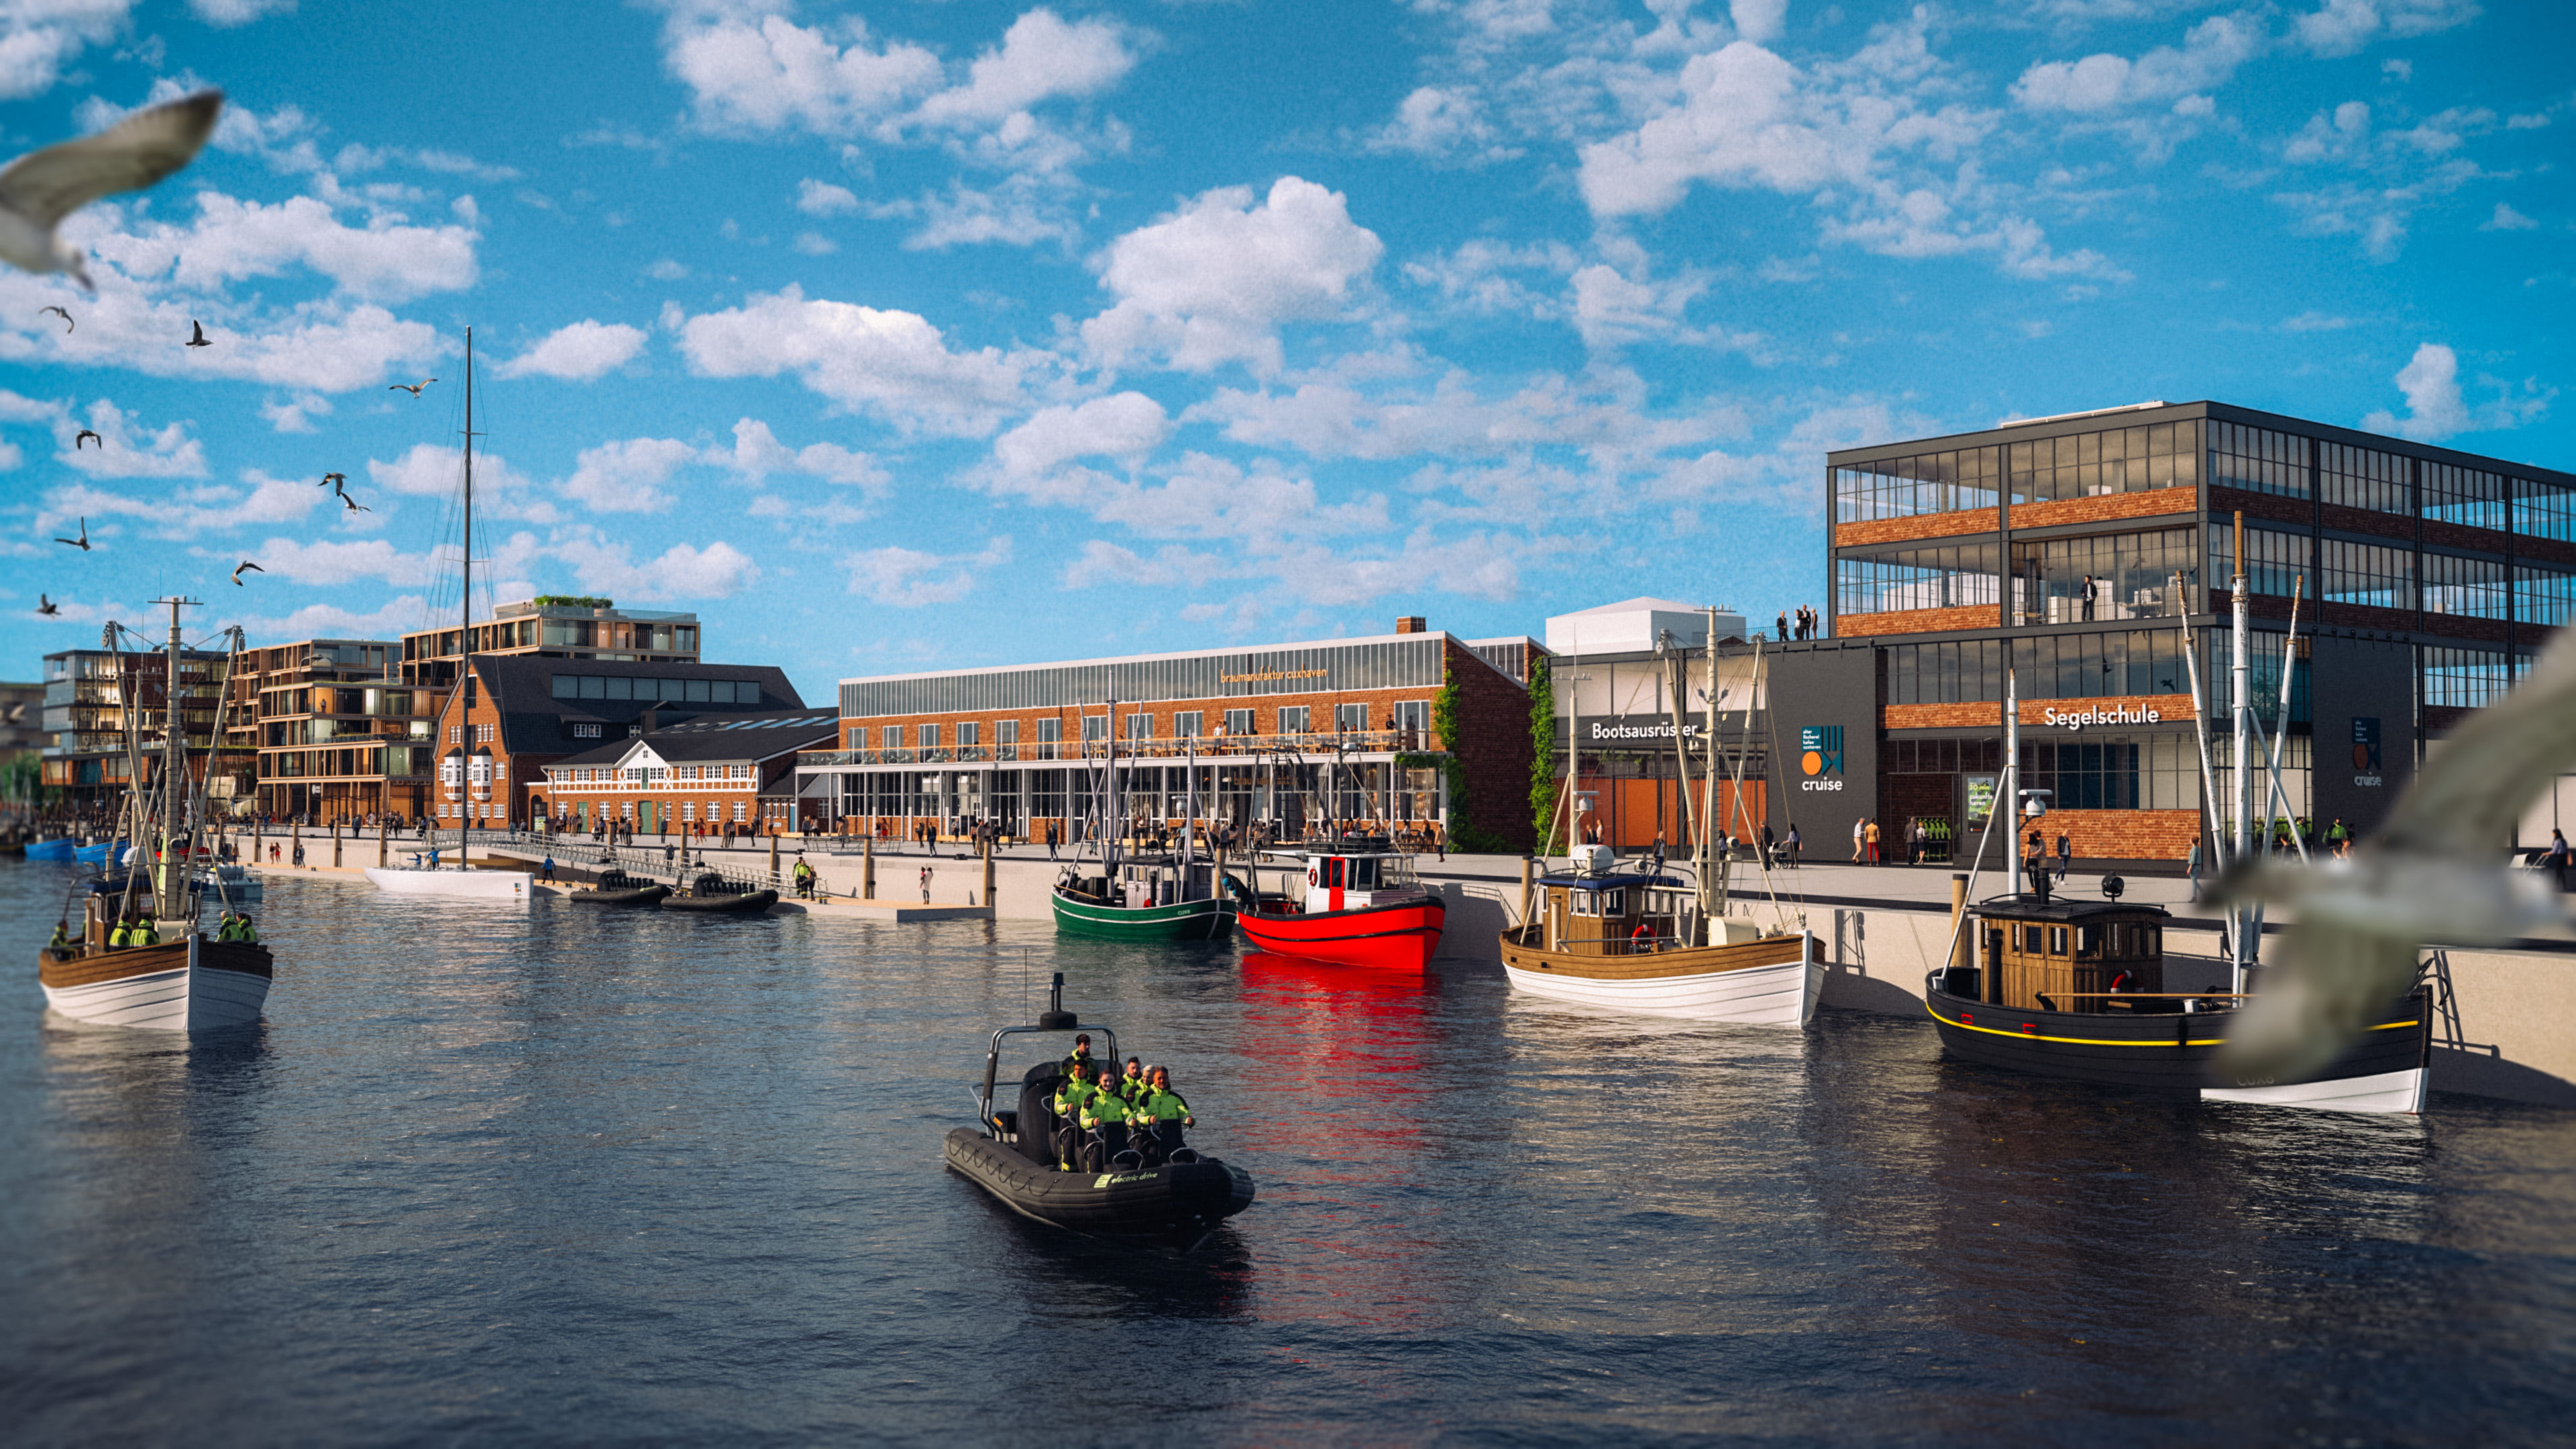 Destinationsentwicklung Quartier Alter Fischereihafen Cuxhaven Segelschule Braumanufaktur Promenade Boote Going Places